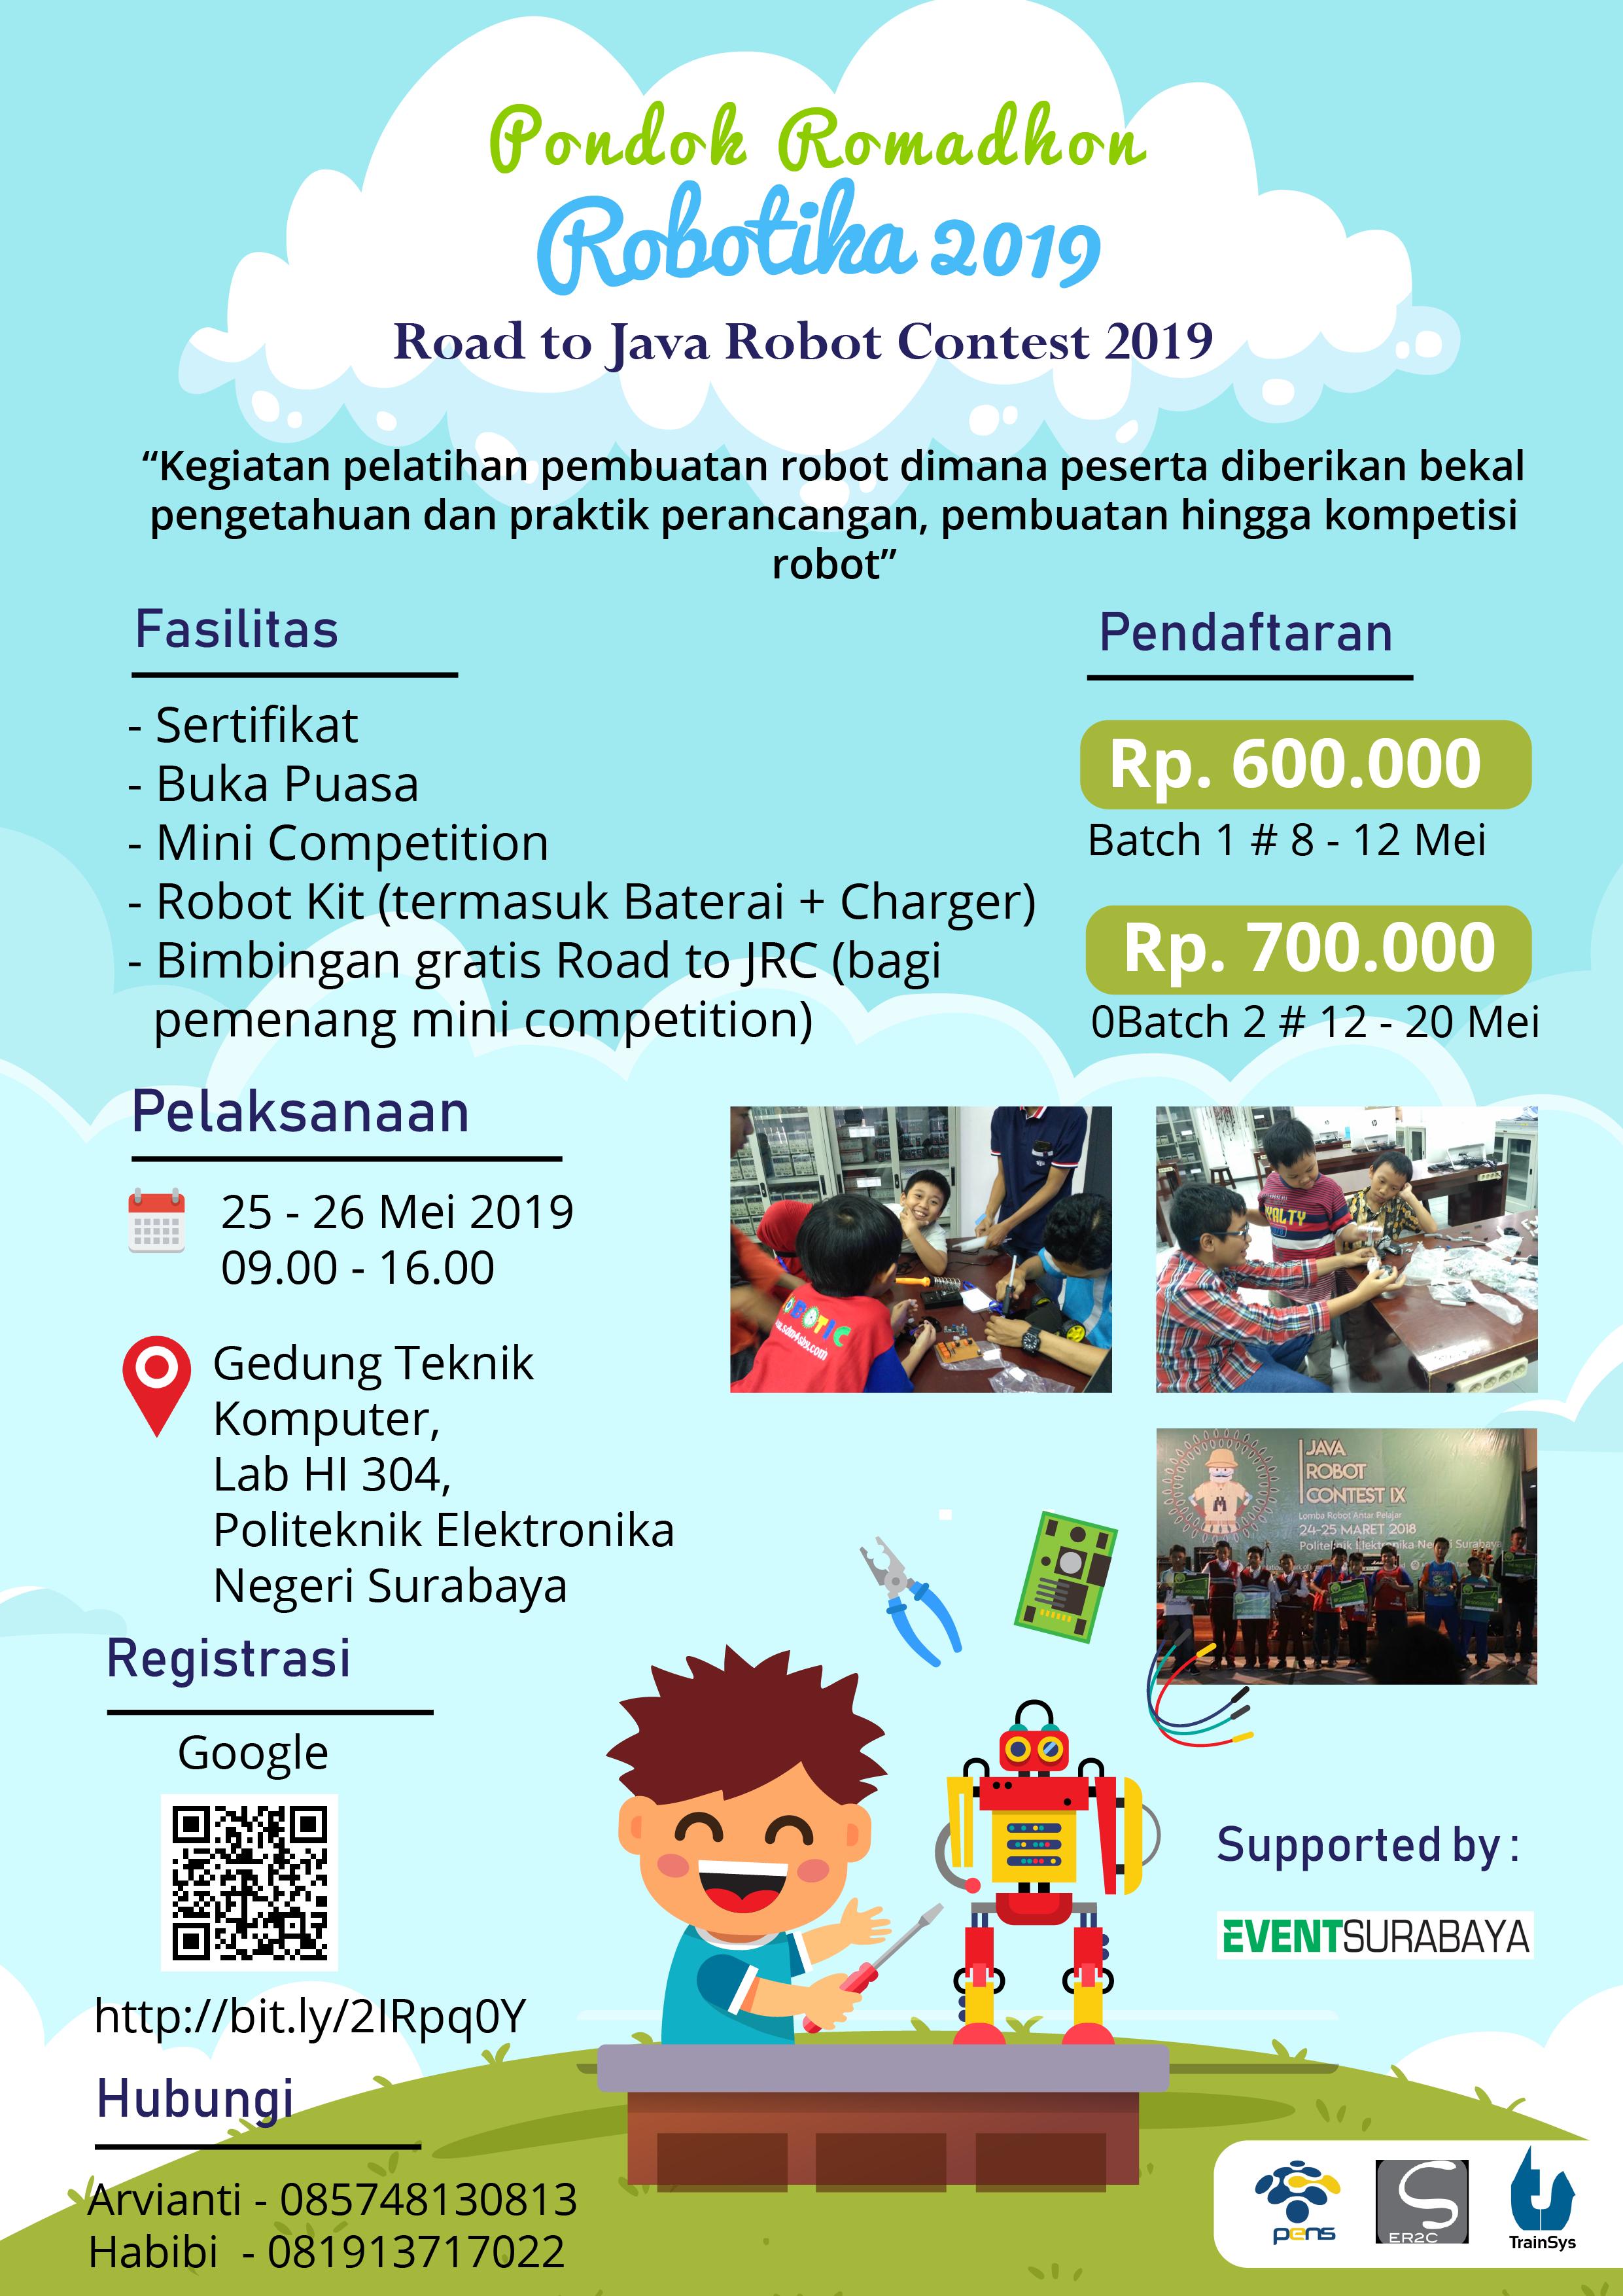 Pondok Romadhon Robotika 2019 Road to Java Robot Contest 2019